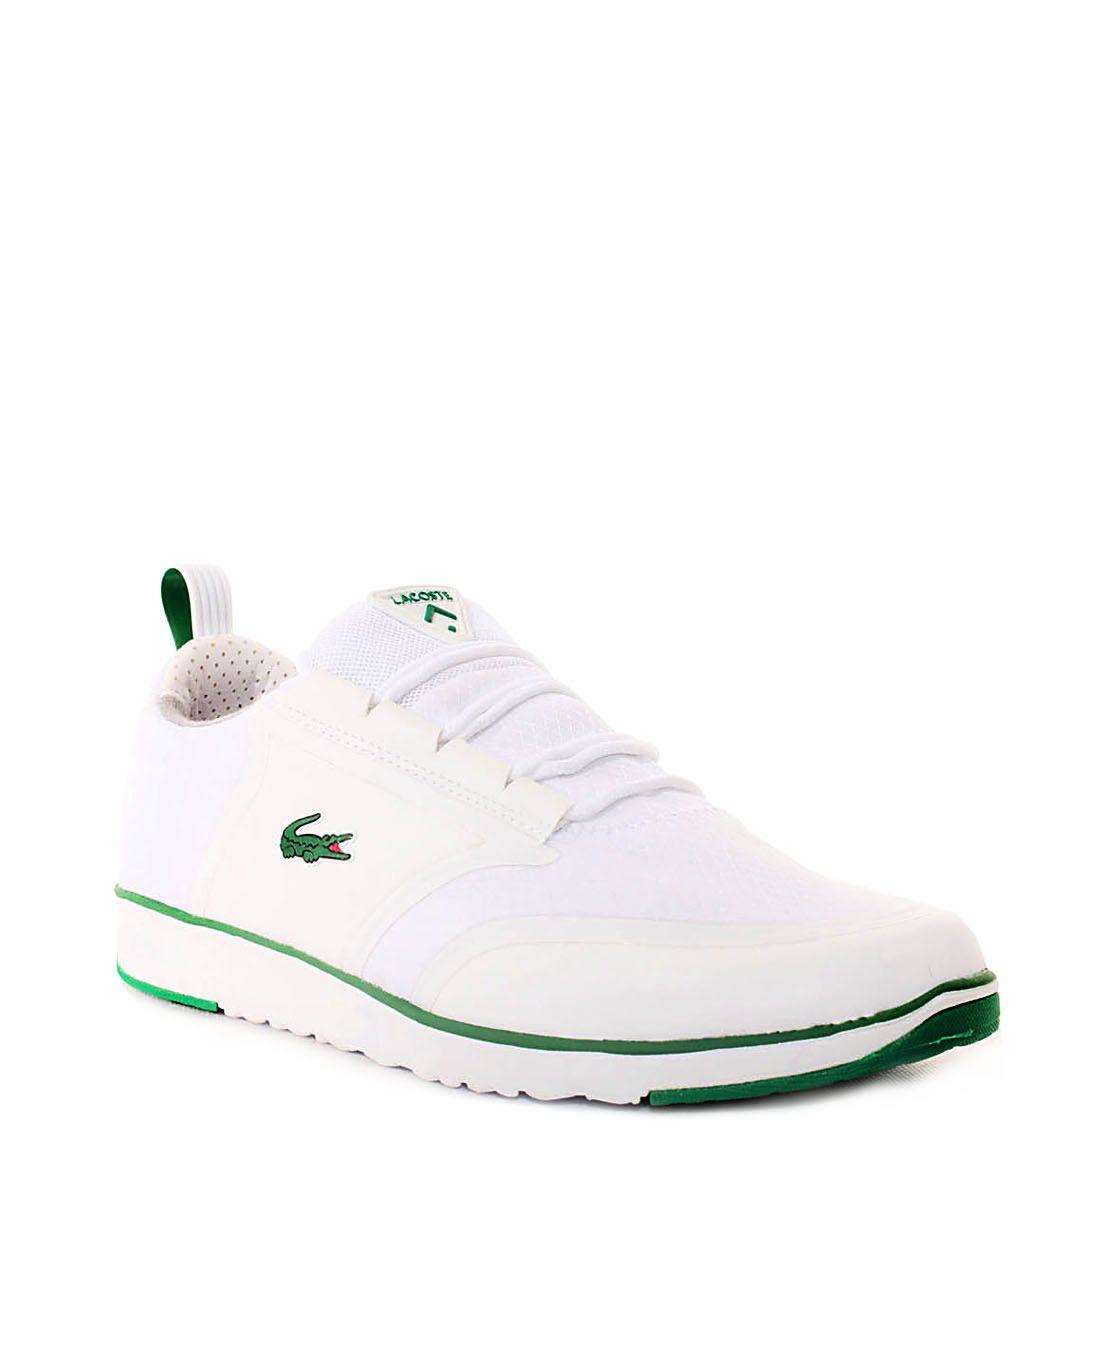 Zapatillas LightShoes Verde Lacoste Blanco Zapatillas 9IH2EeYDWb